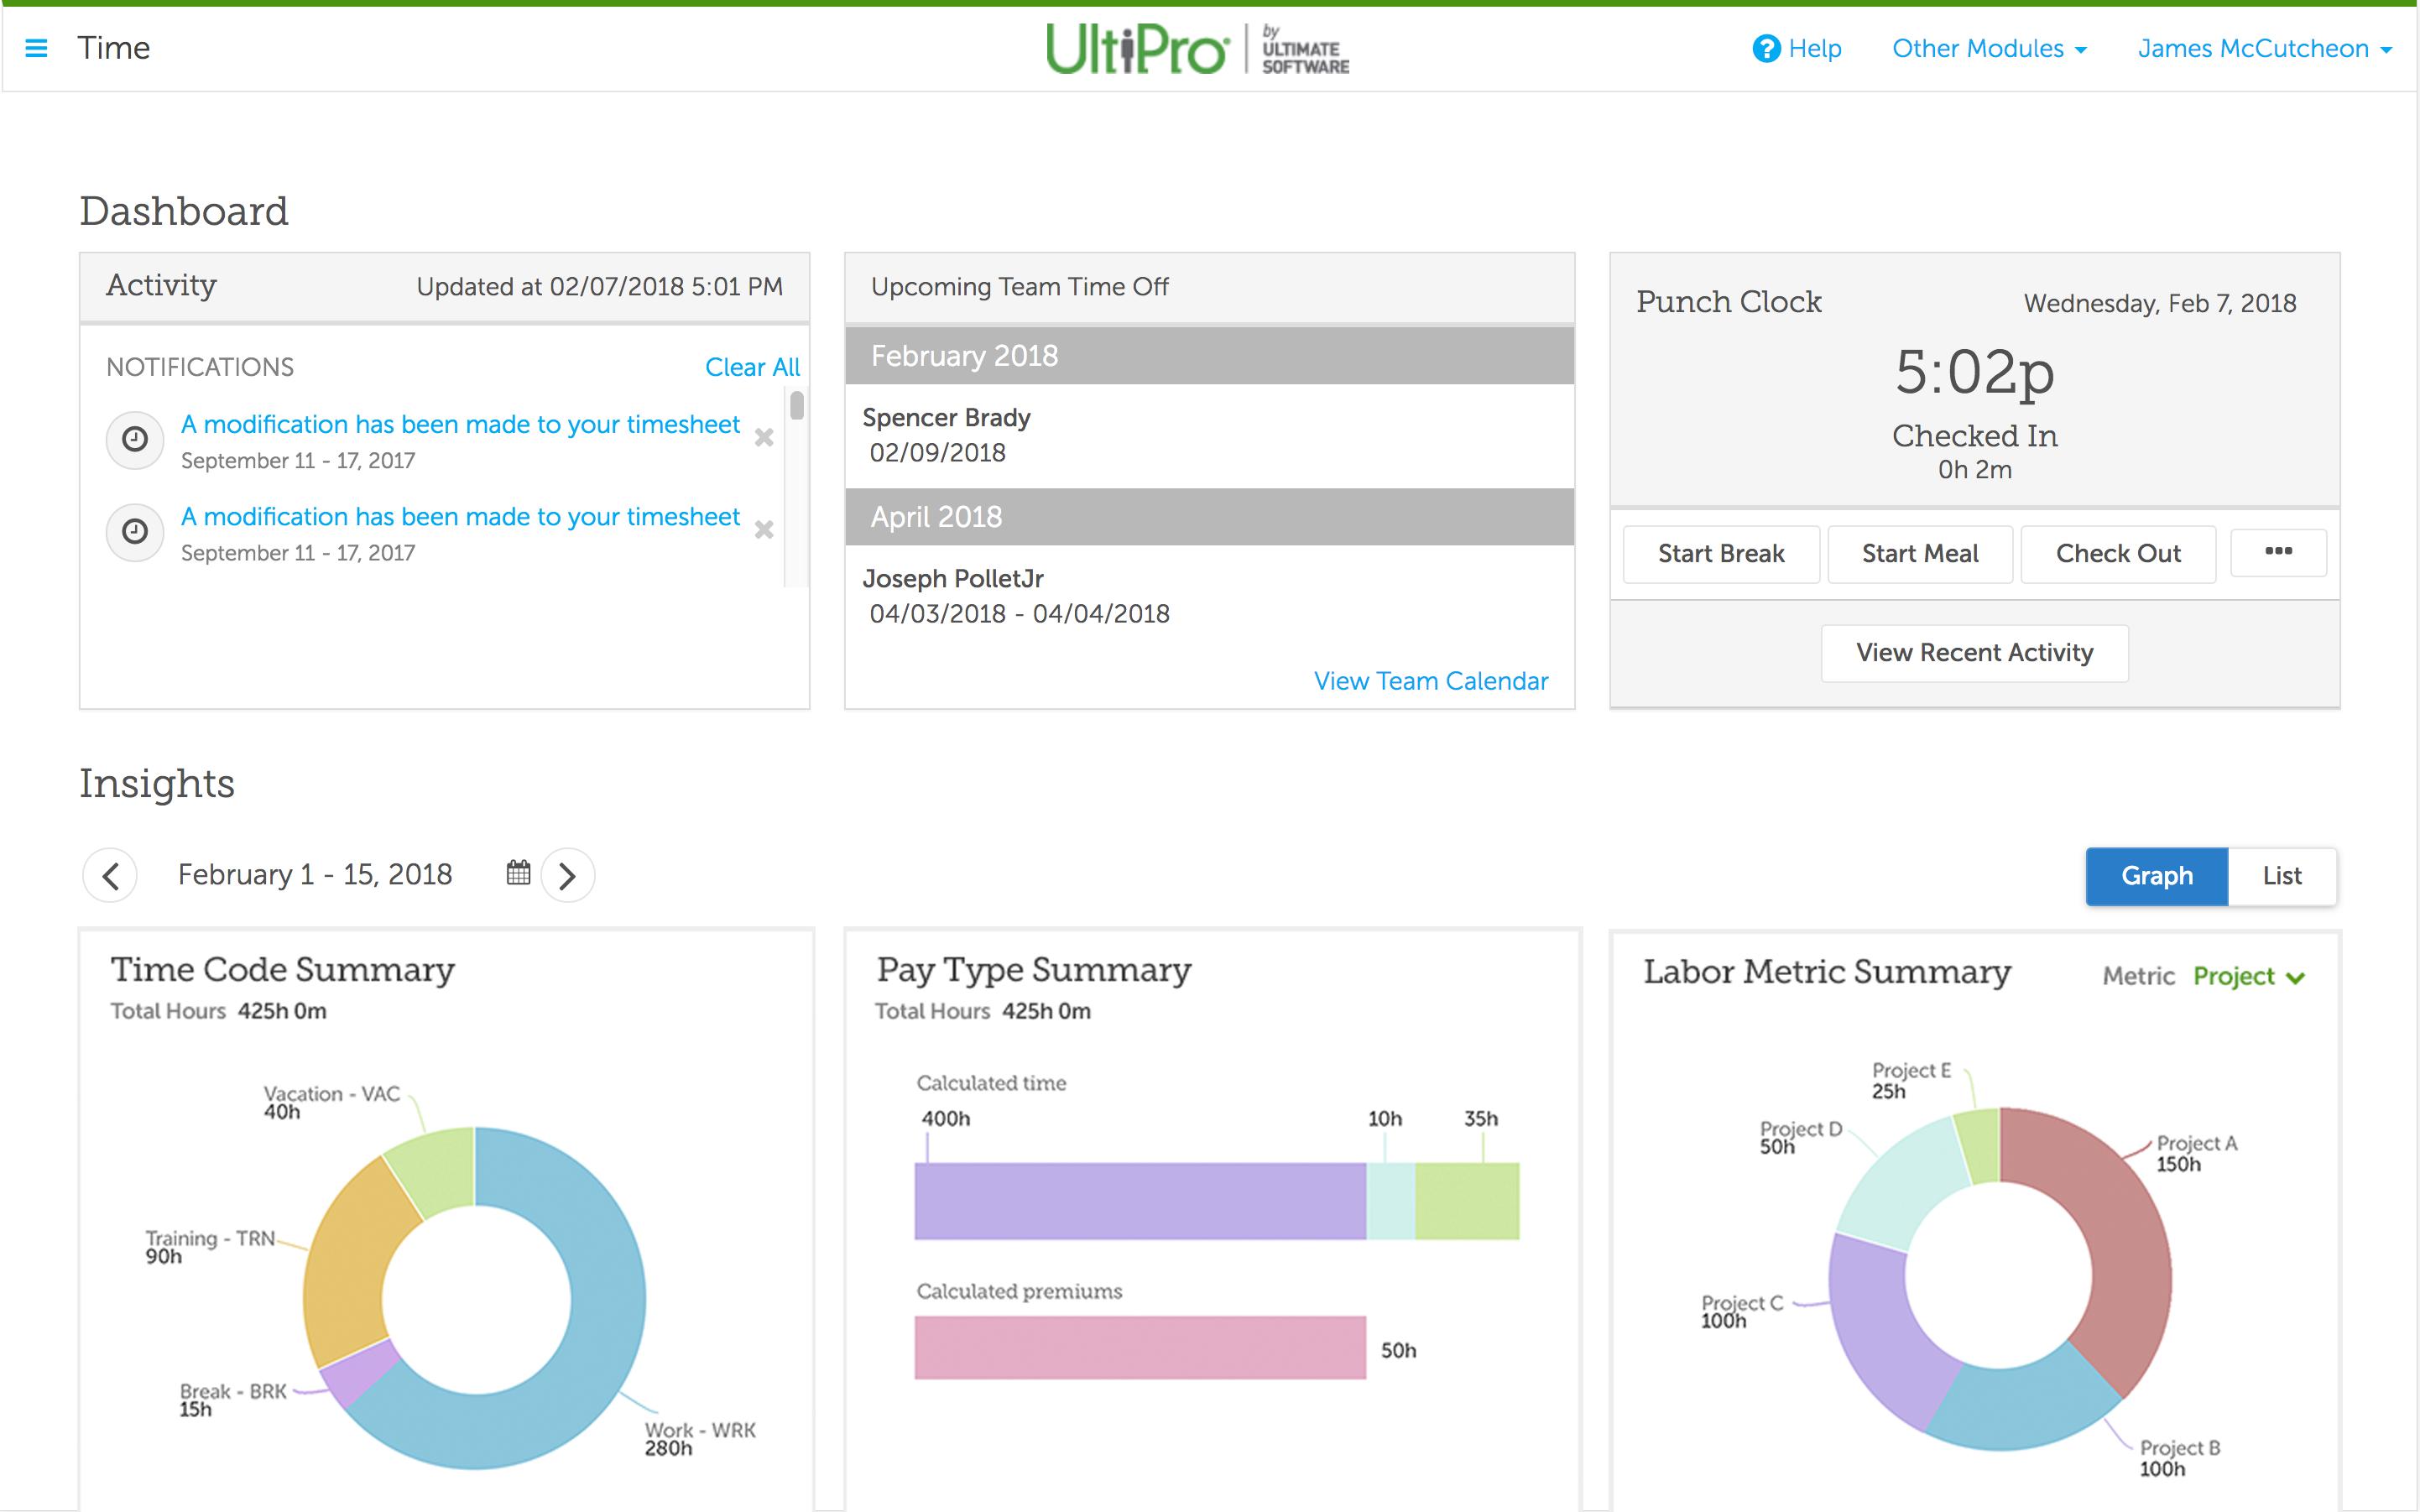 UltiPro Reviews & Ratings   TrustRadius